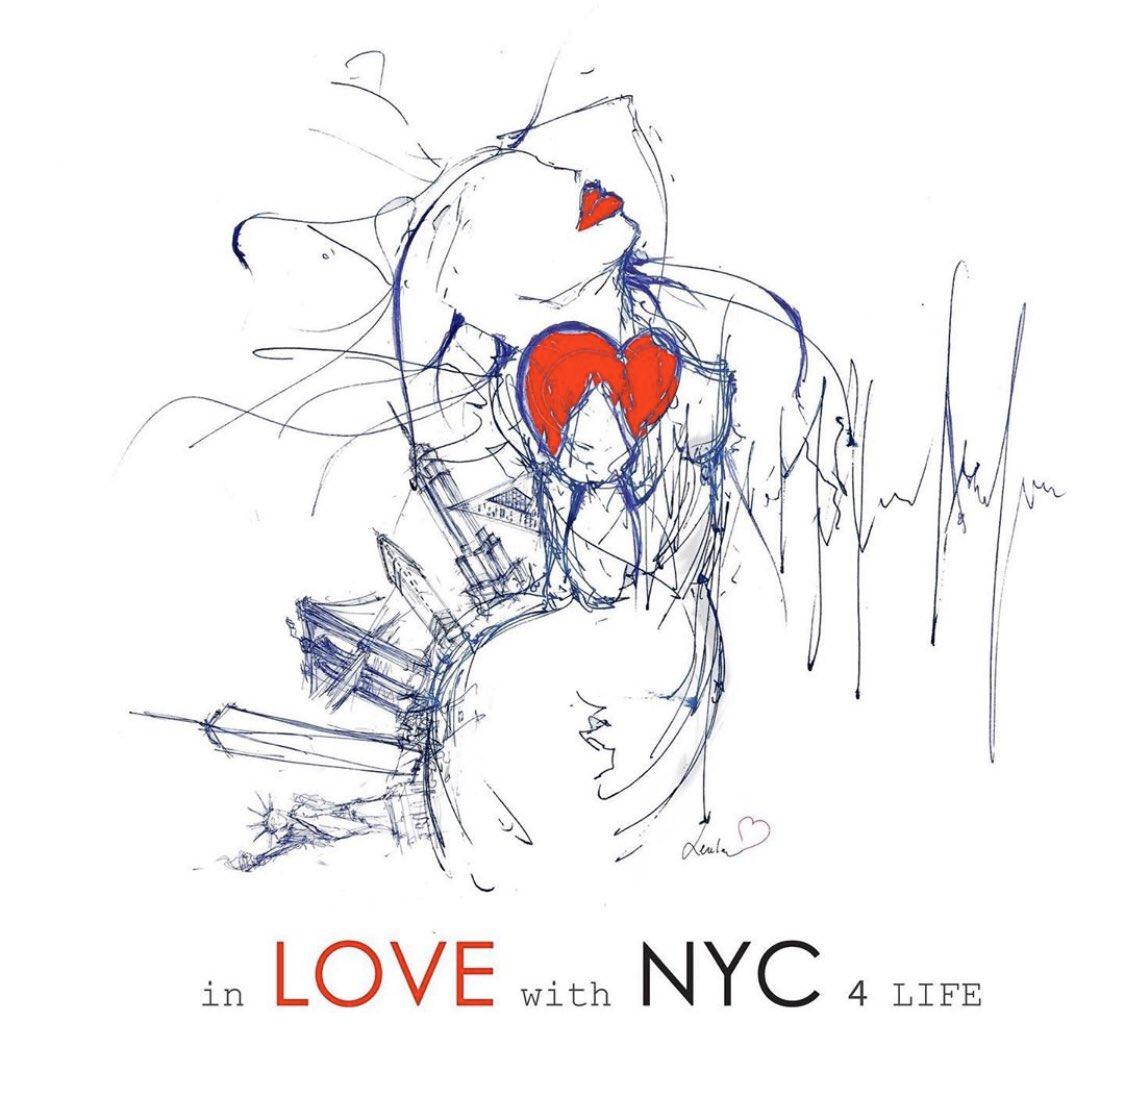 #bestrong NYC ... #mebylenka #love #selflove #humanity #life #lifestyle #nyc #positivevibes #positiveenergy #healing #art #sketch #healing